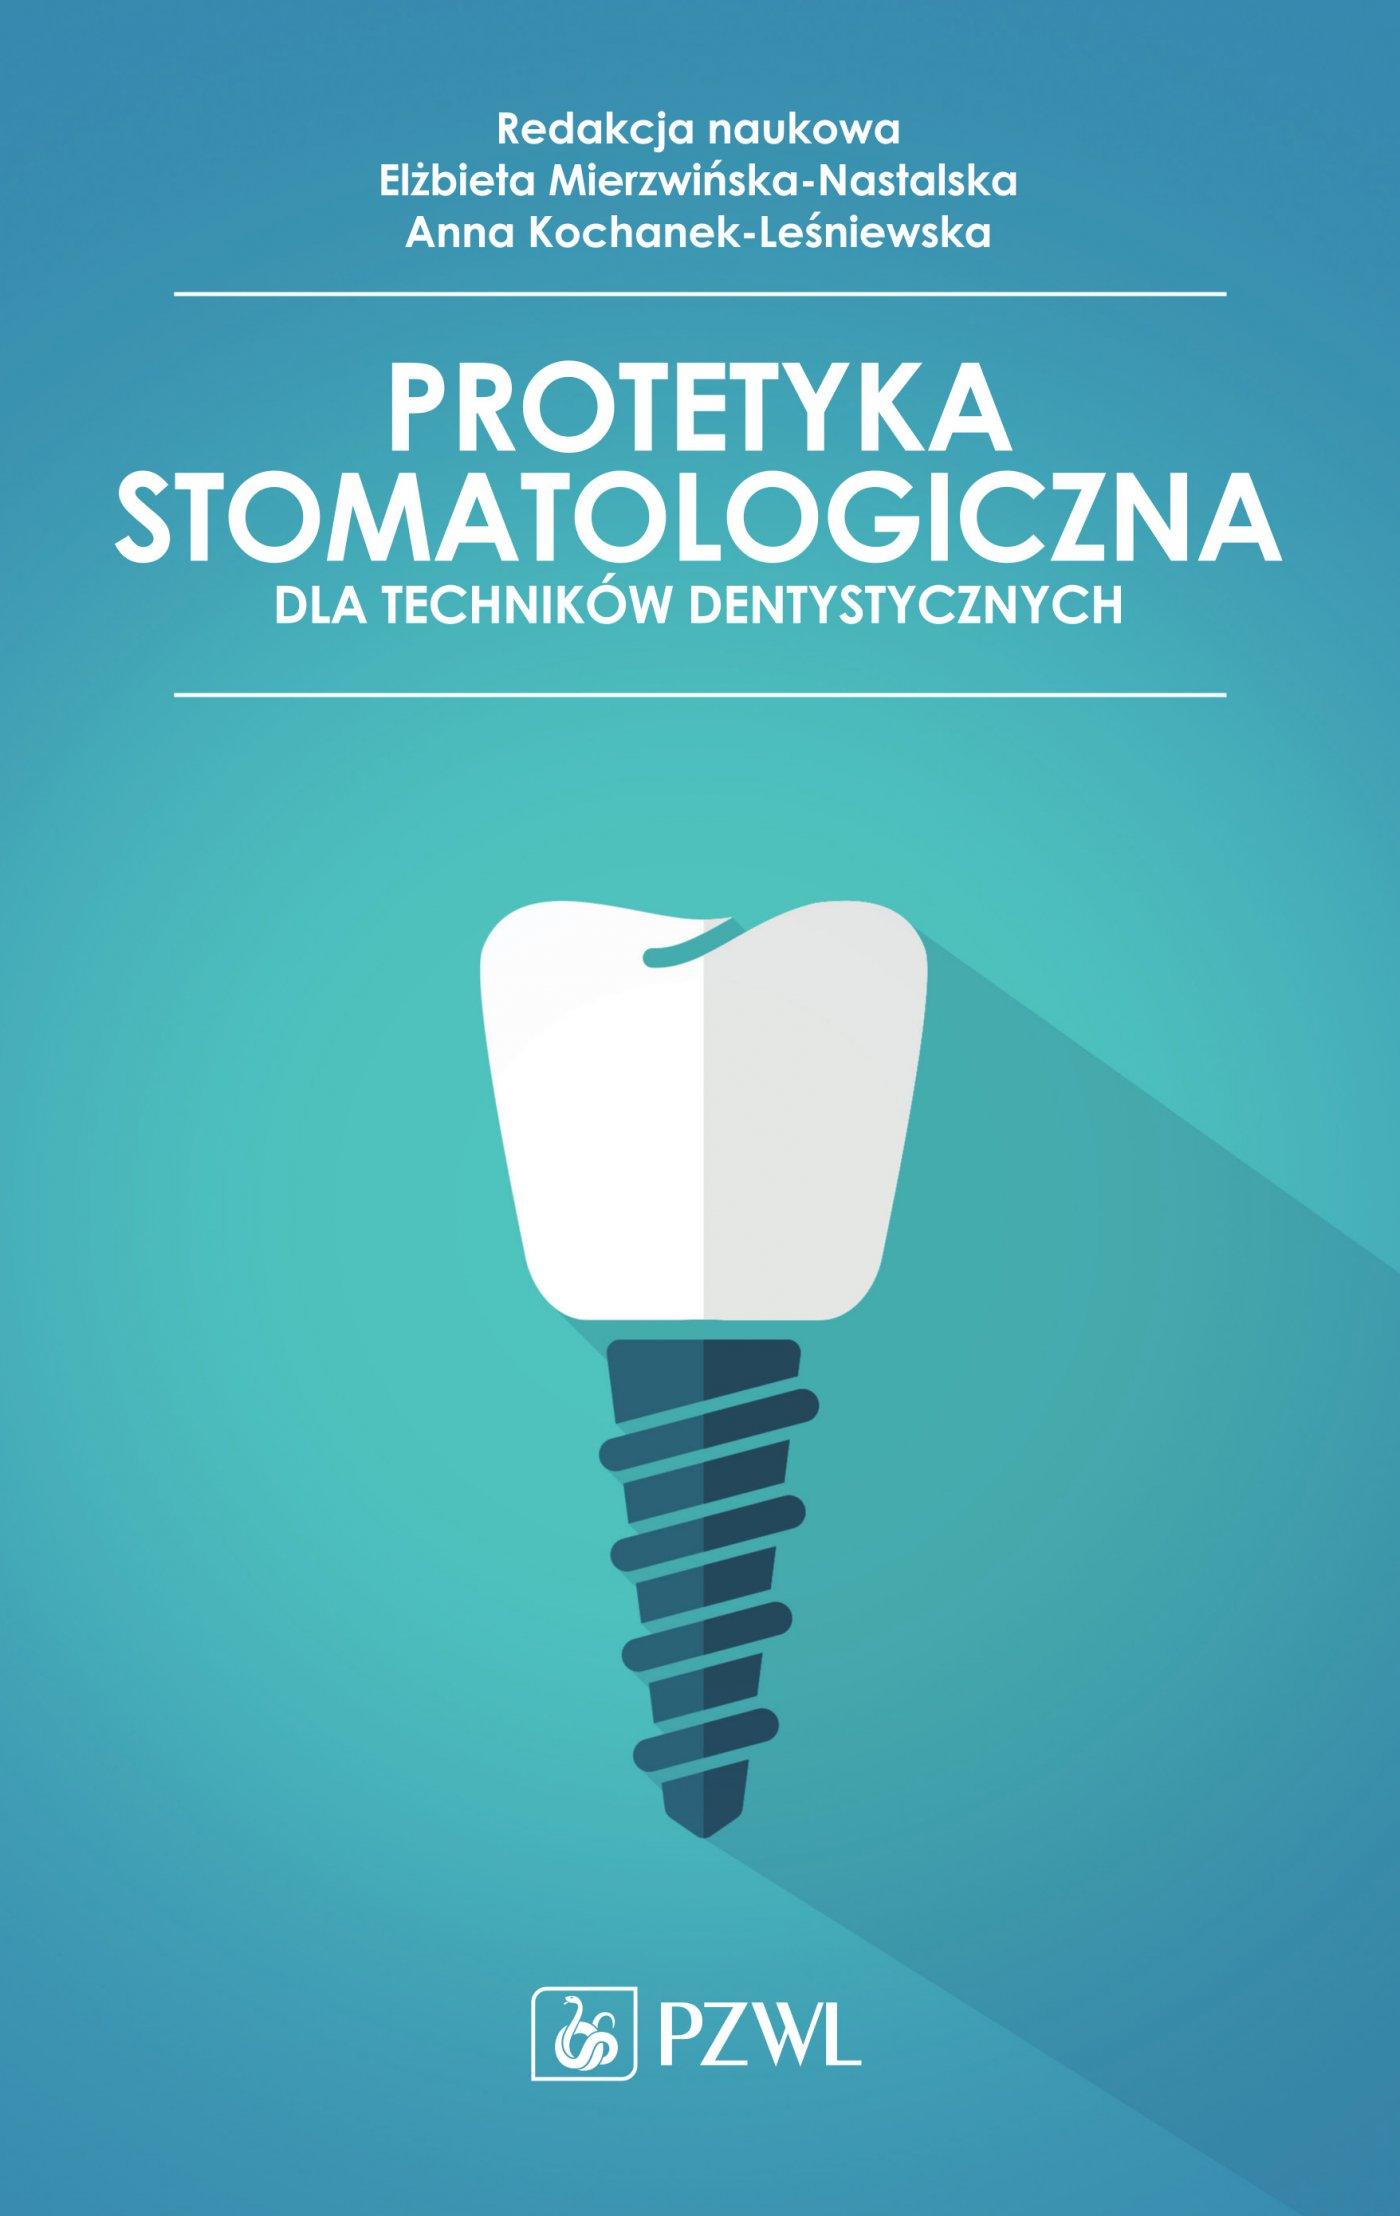 Protetyka stomatologiczna dla techników dentystycznych - Ebook (Książka EPUB) do pobrania w formacie EPUB